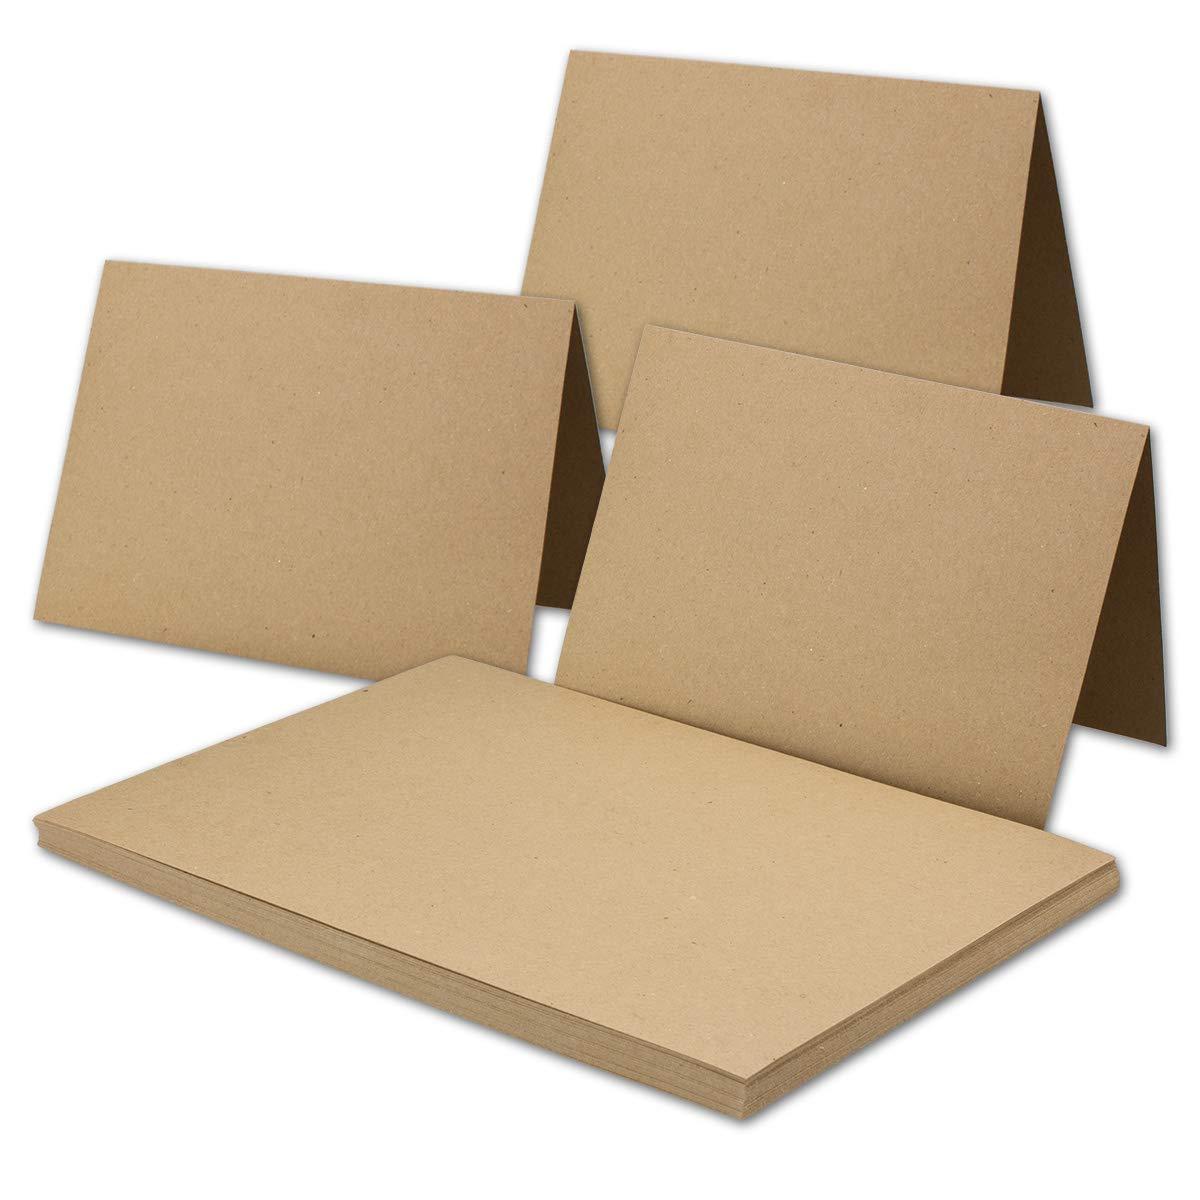 150x Vintage Kraftpapier Falt-Karten DIN A5-148 x 210 mm - sandbraun - Recycling - 240 g m² blanko Klapp-Karten I UmWelt by Gustav NEUSER® B06VY9MW4L | Erste in seiner Klasse